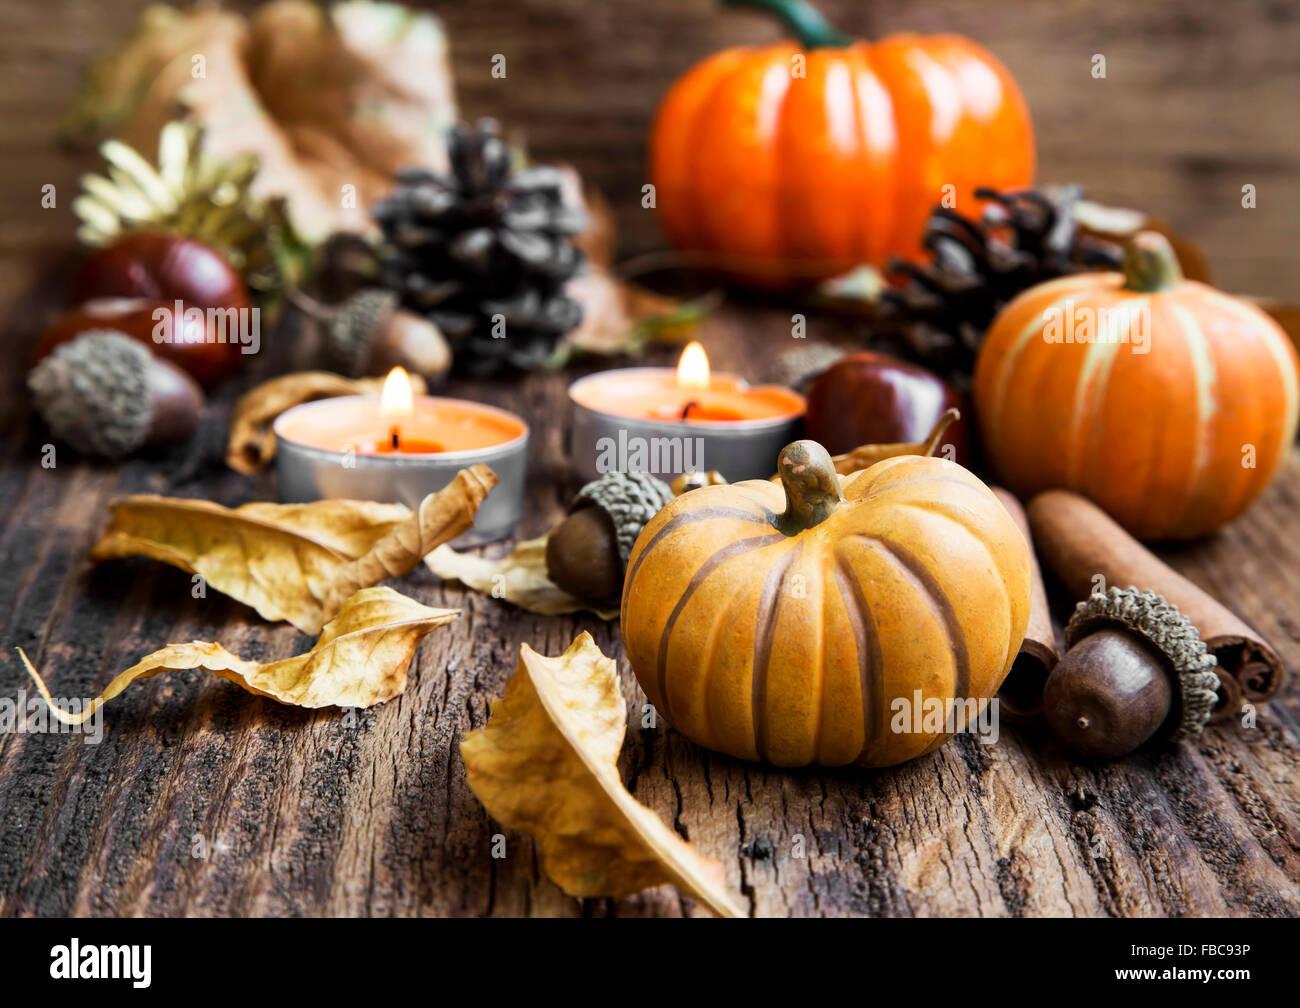 Kürbisse-Dekoration mit Kerzen, Blätter, Acorns.Thanksgiving,Halloween und Herbst Konzept Stockbild